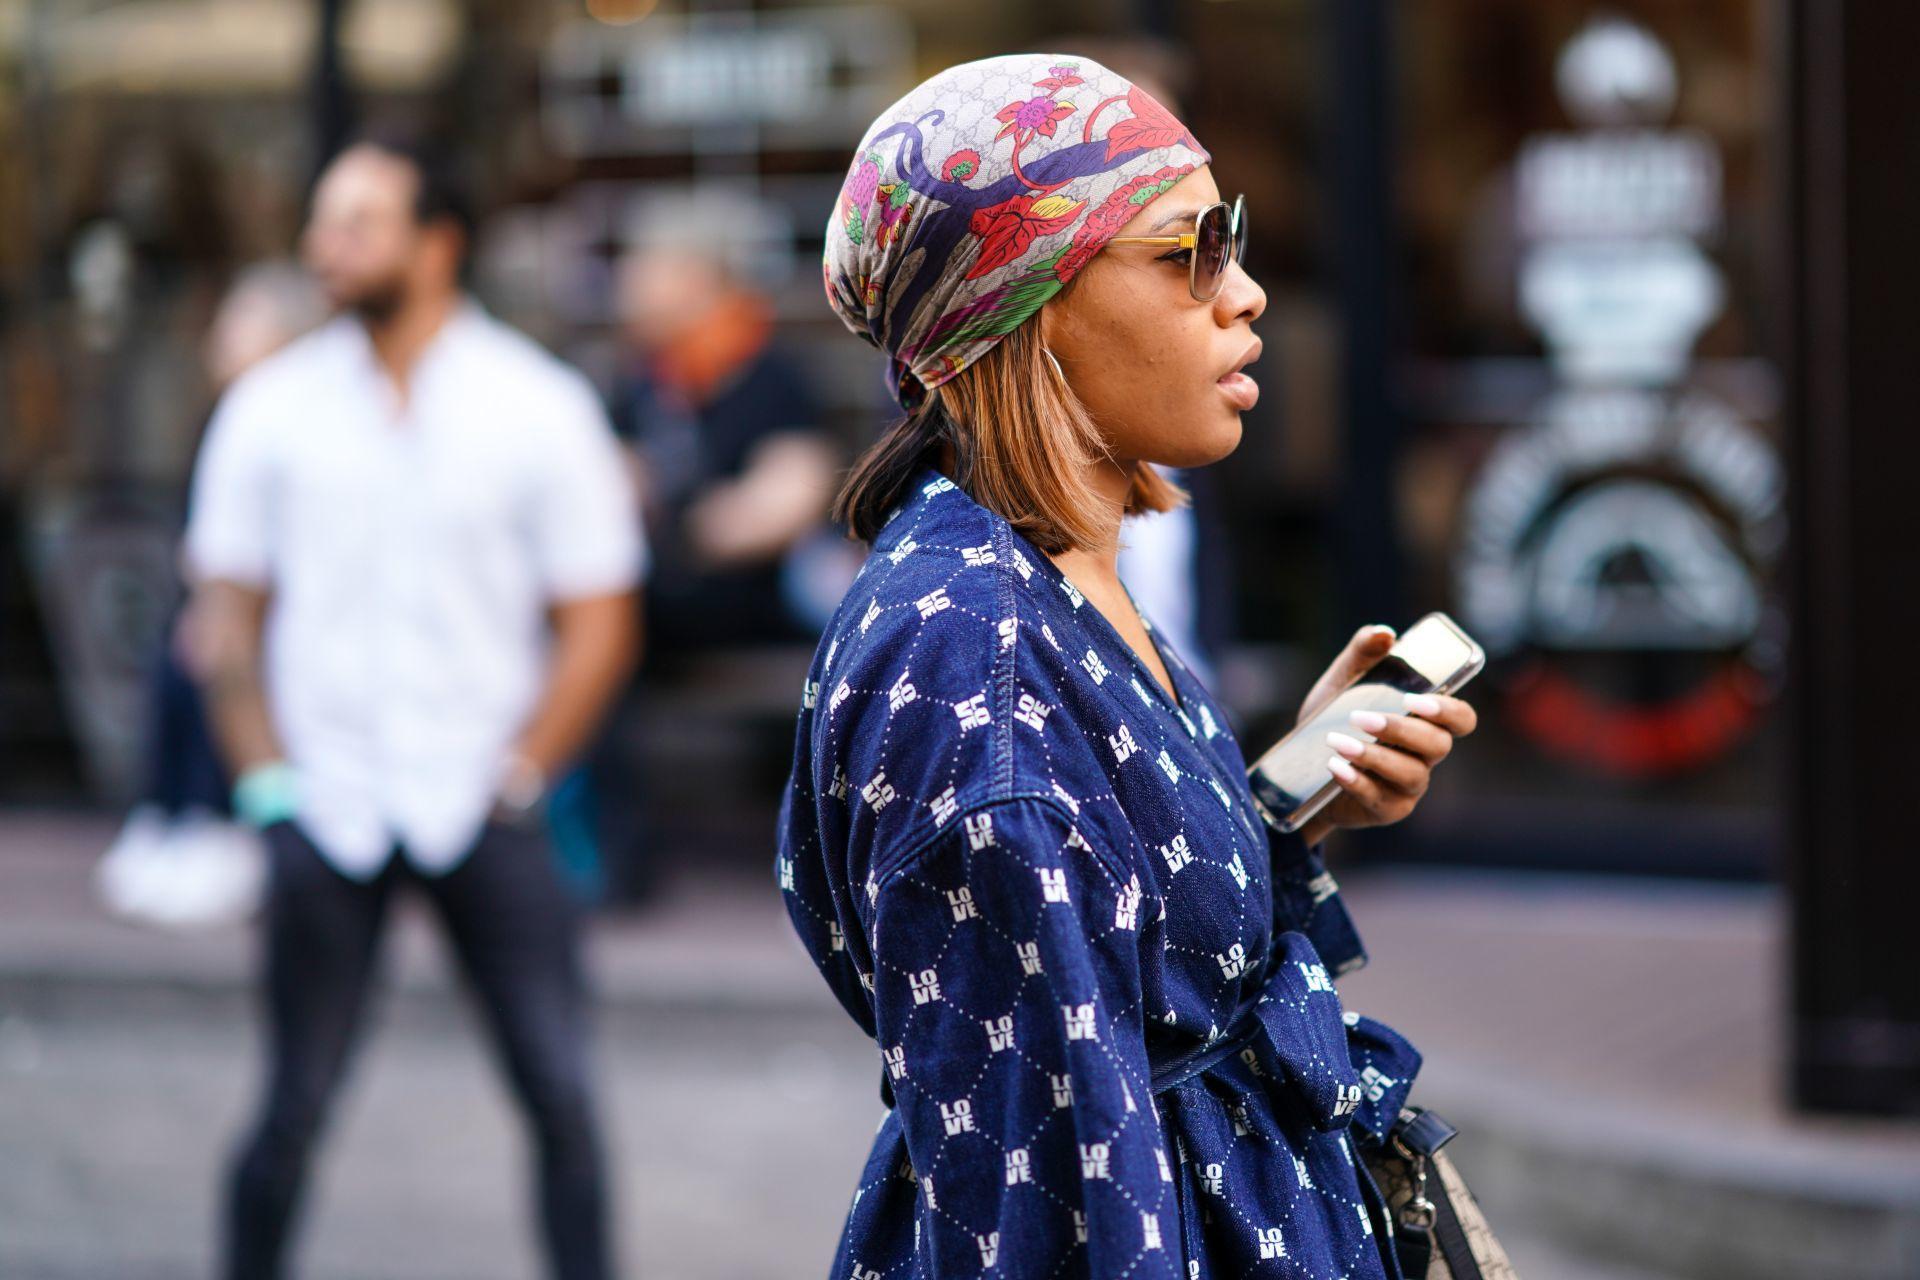 A klasszikus fejkendős viselése is csinos, de tudni kell viselni.